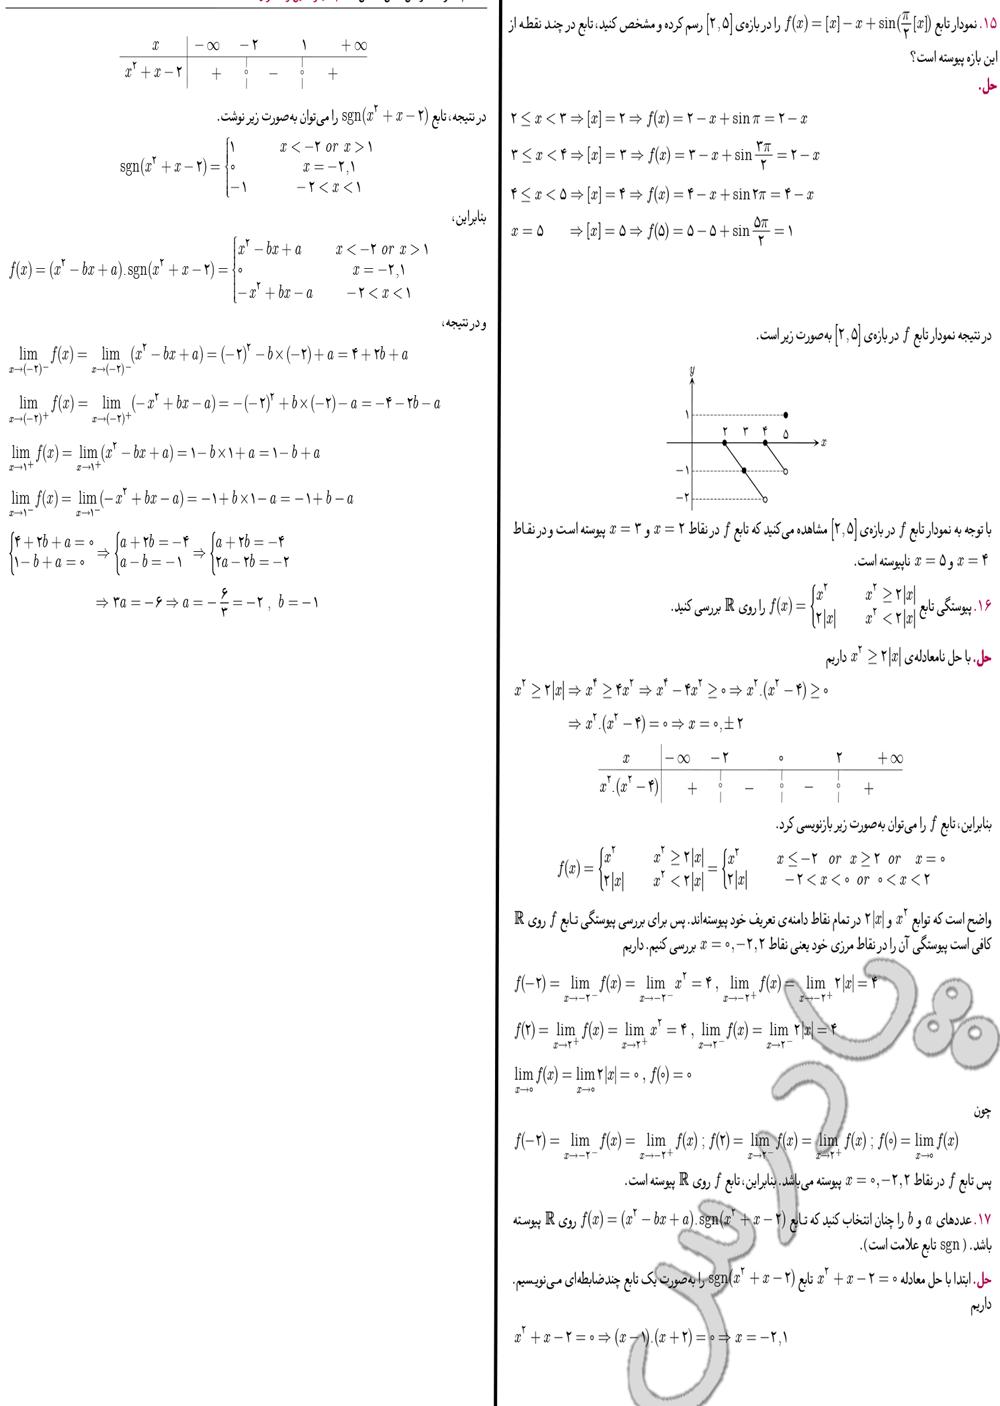 حل مسائل 15 تا 17 صفحه 99 فصل 2 دیفرانسیل پیش دانشگاهی